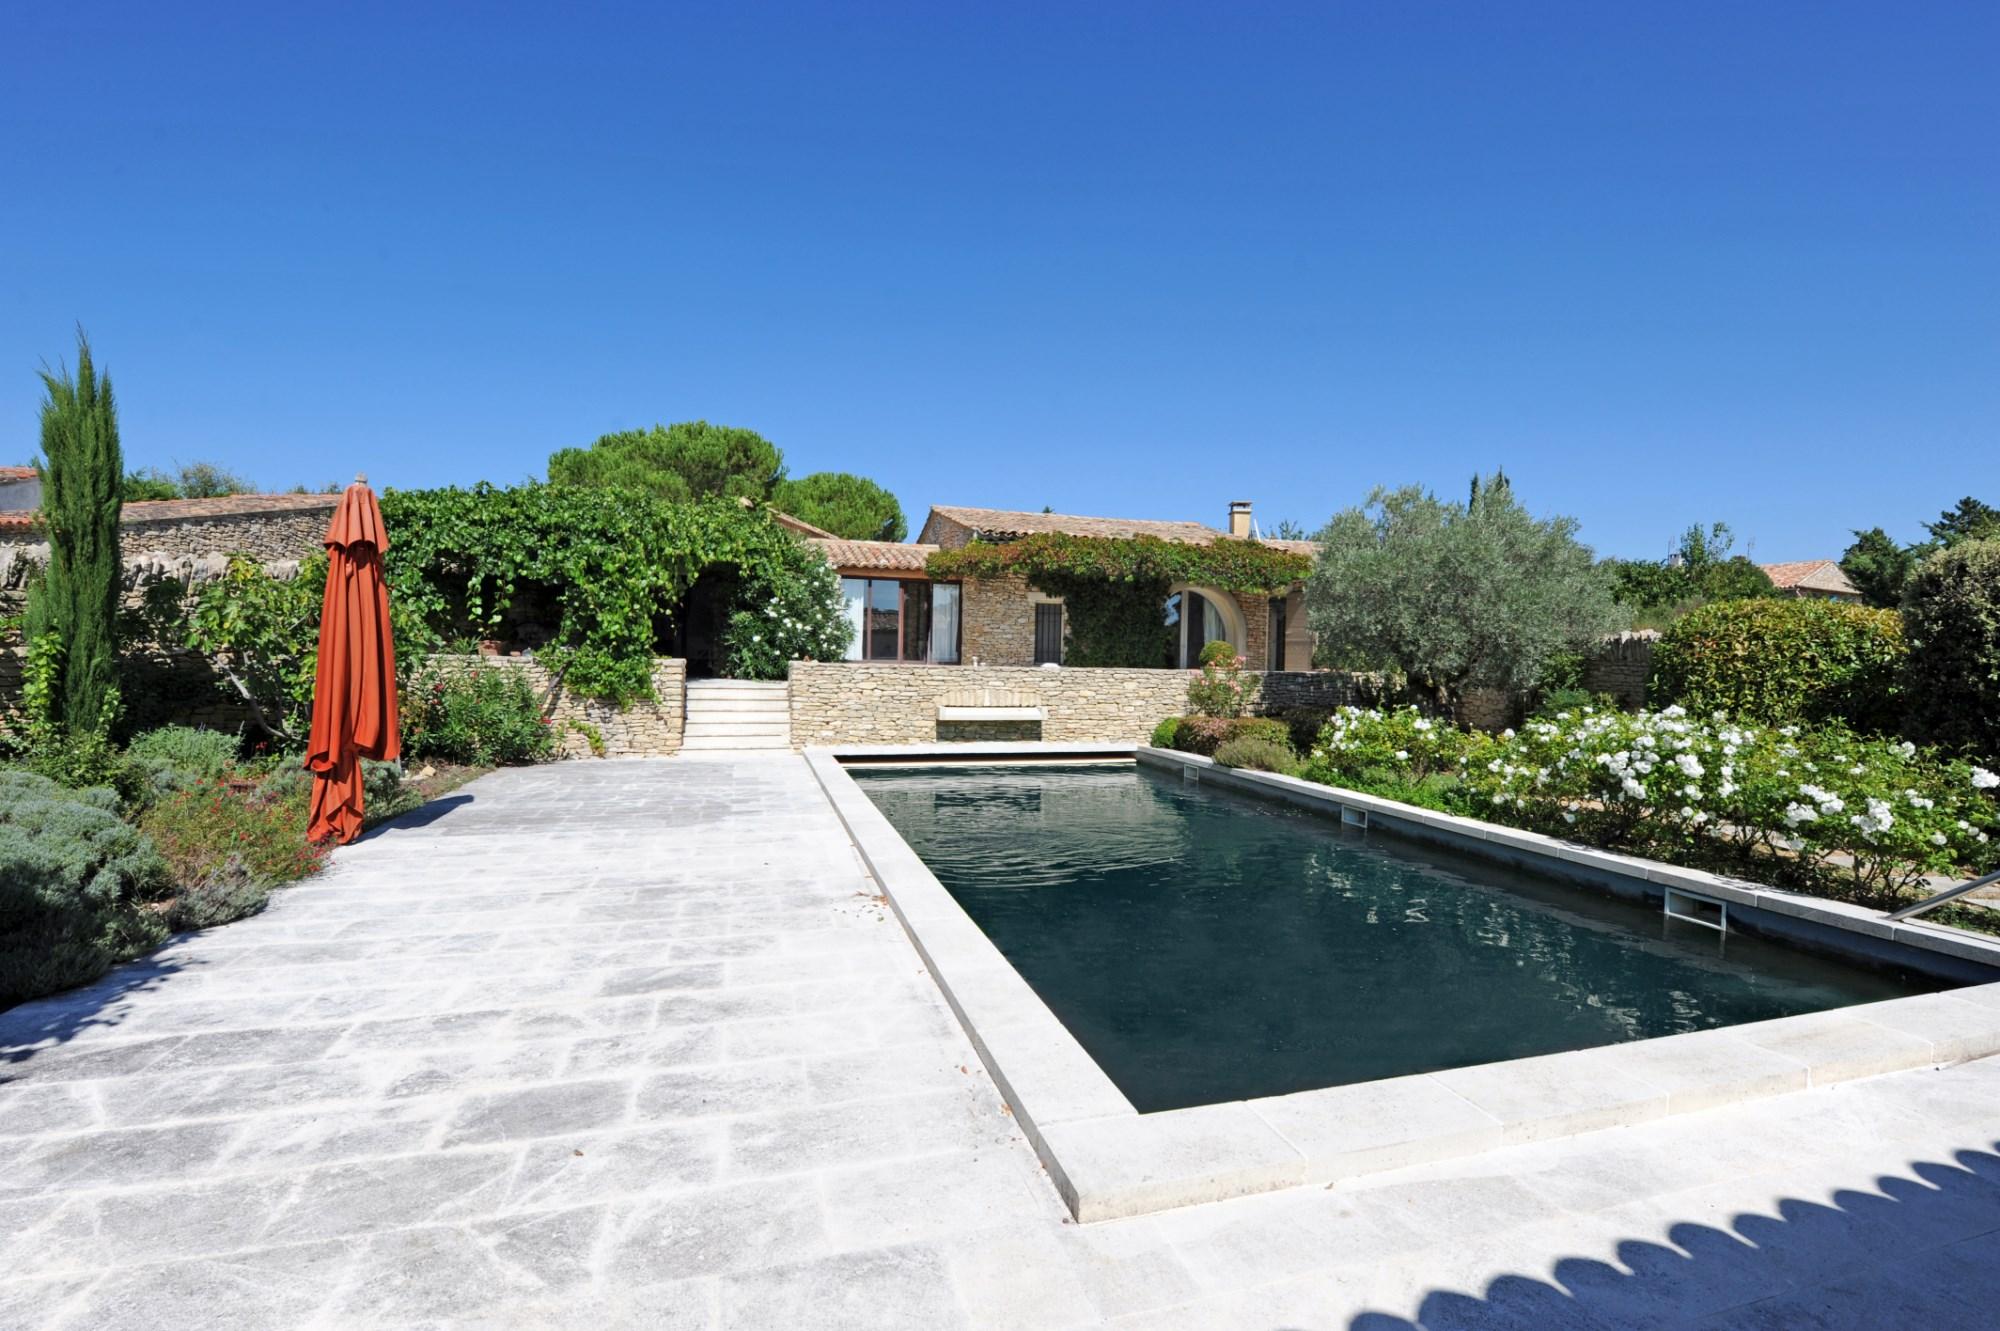 Ventes en luberon vendre belle maison proven ale en for Maison jardin piscine